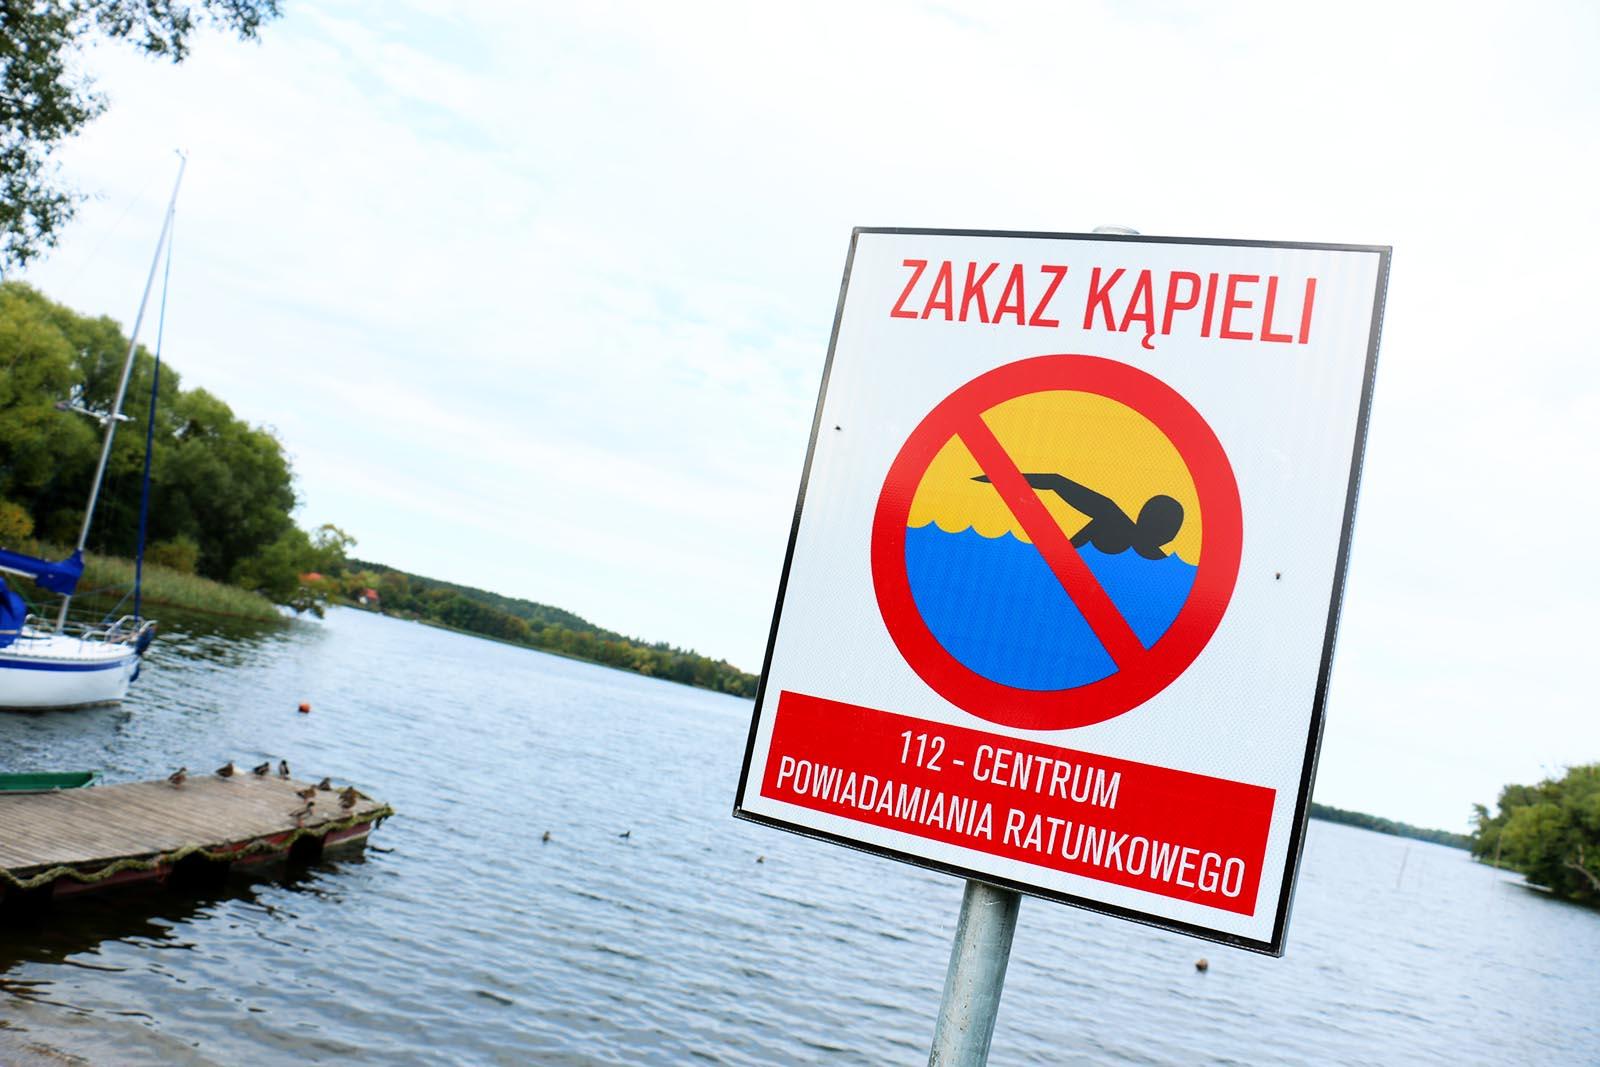 Burmistrz apeluje o przestrzeganie zakazu kąpieli